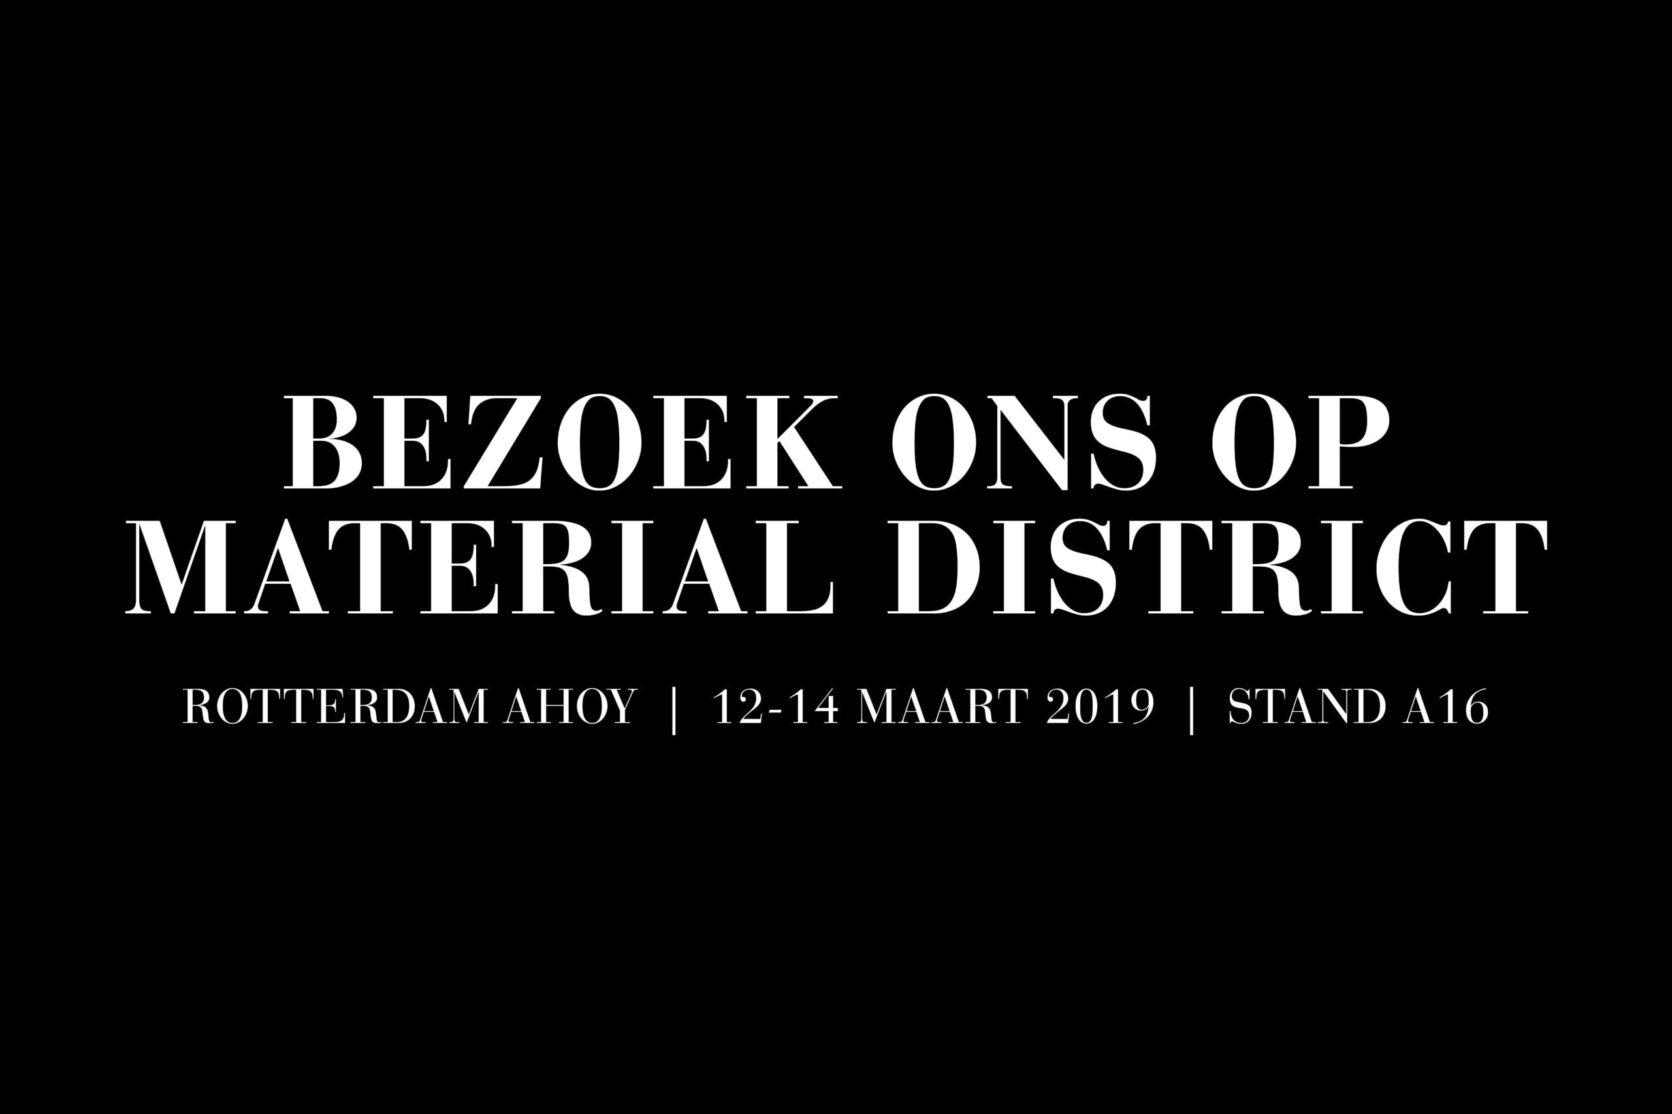 Bezoek ons op de beurs Material District in Ahoy Rotterdam van 12 tot en met 14 maart 2019